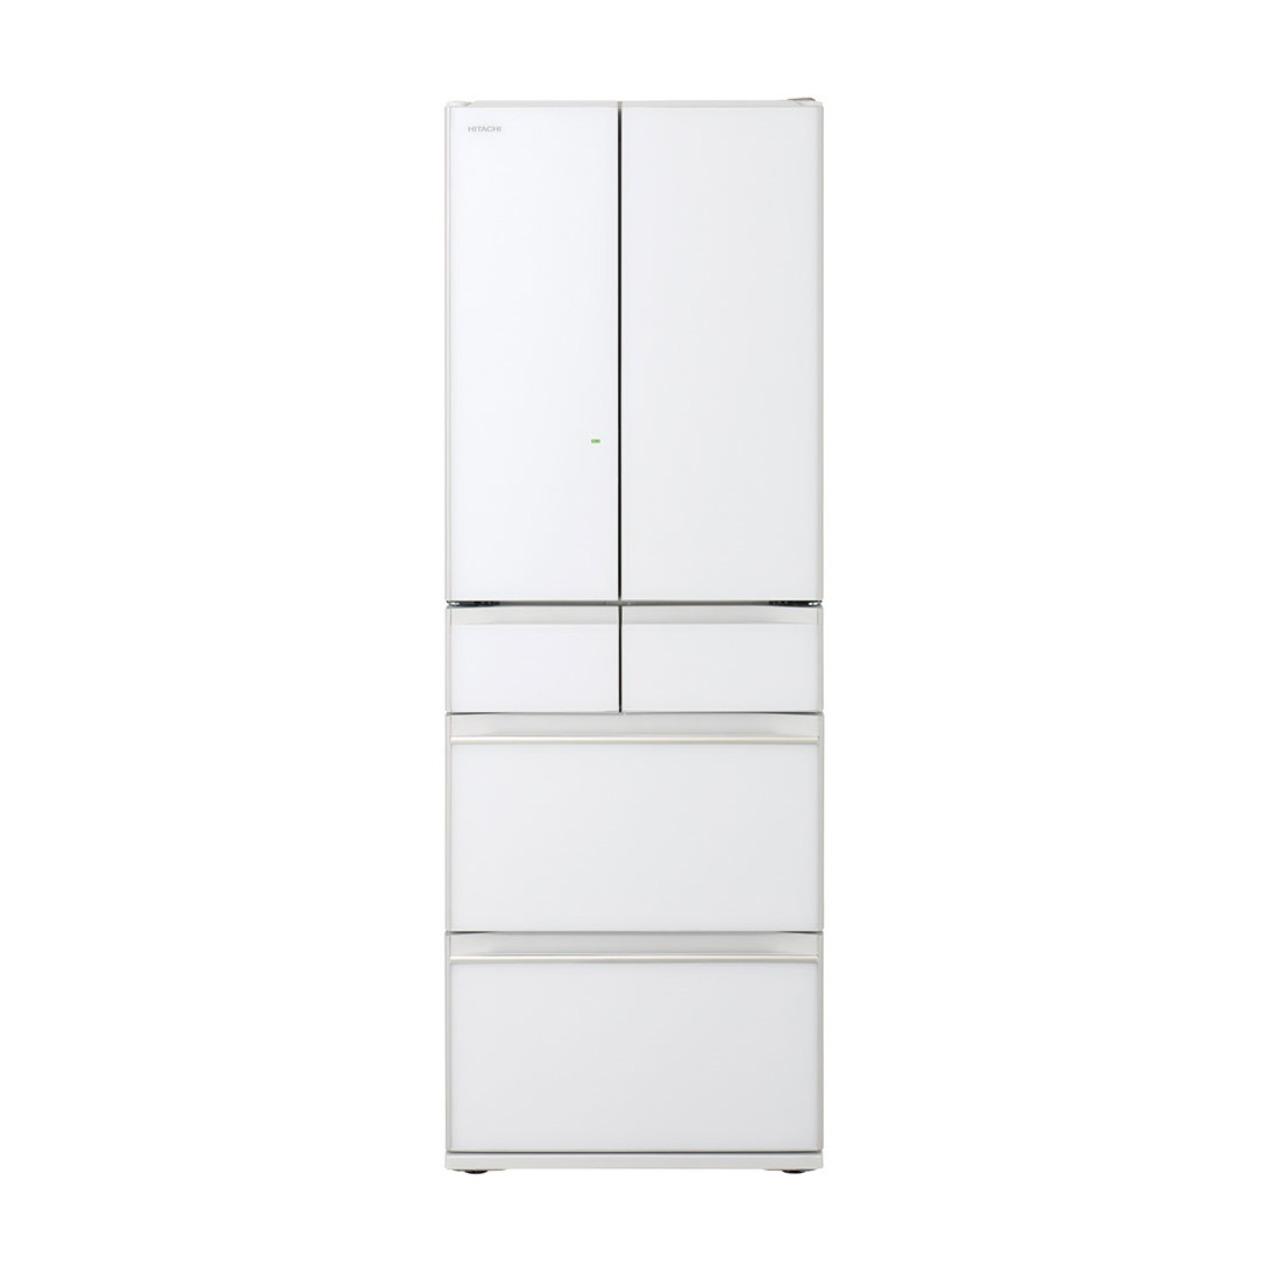 日立R-HW52K冷蔵庫